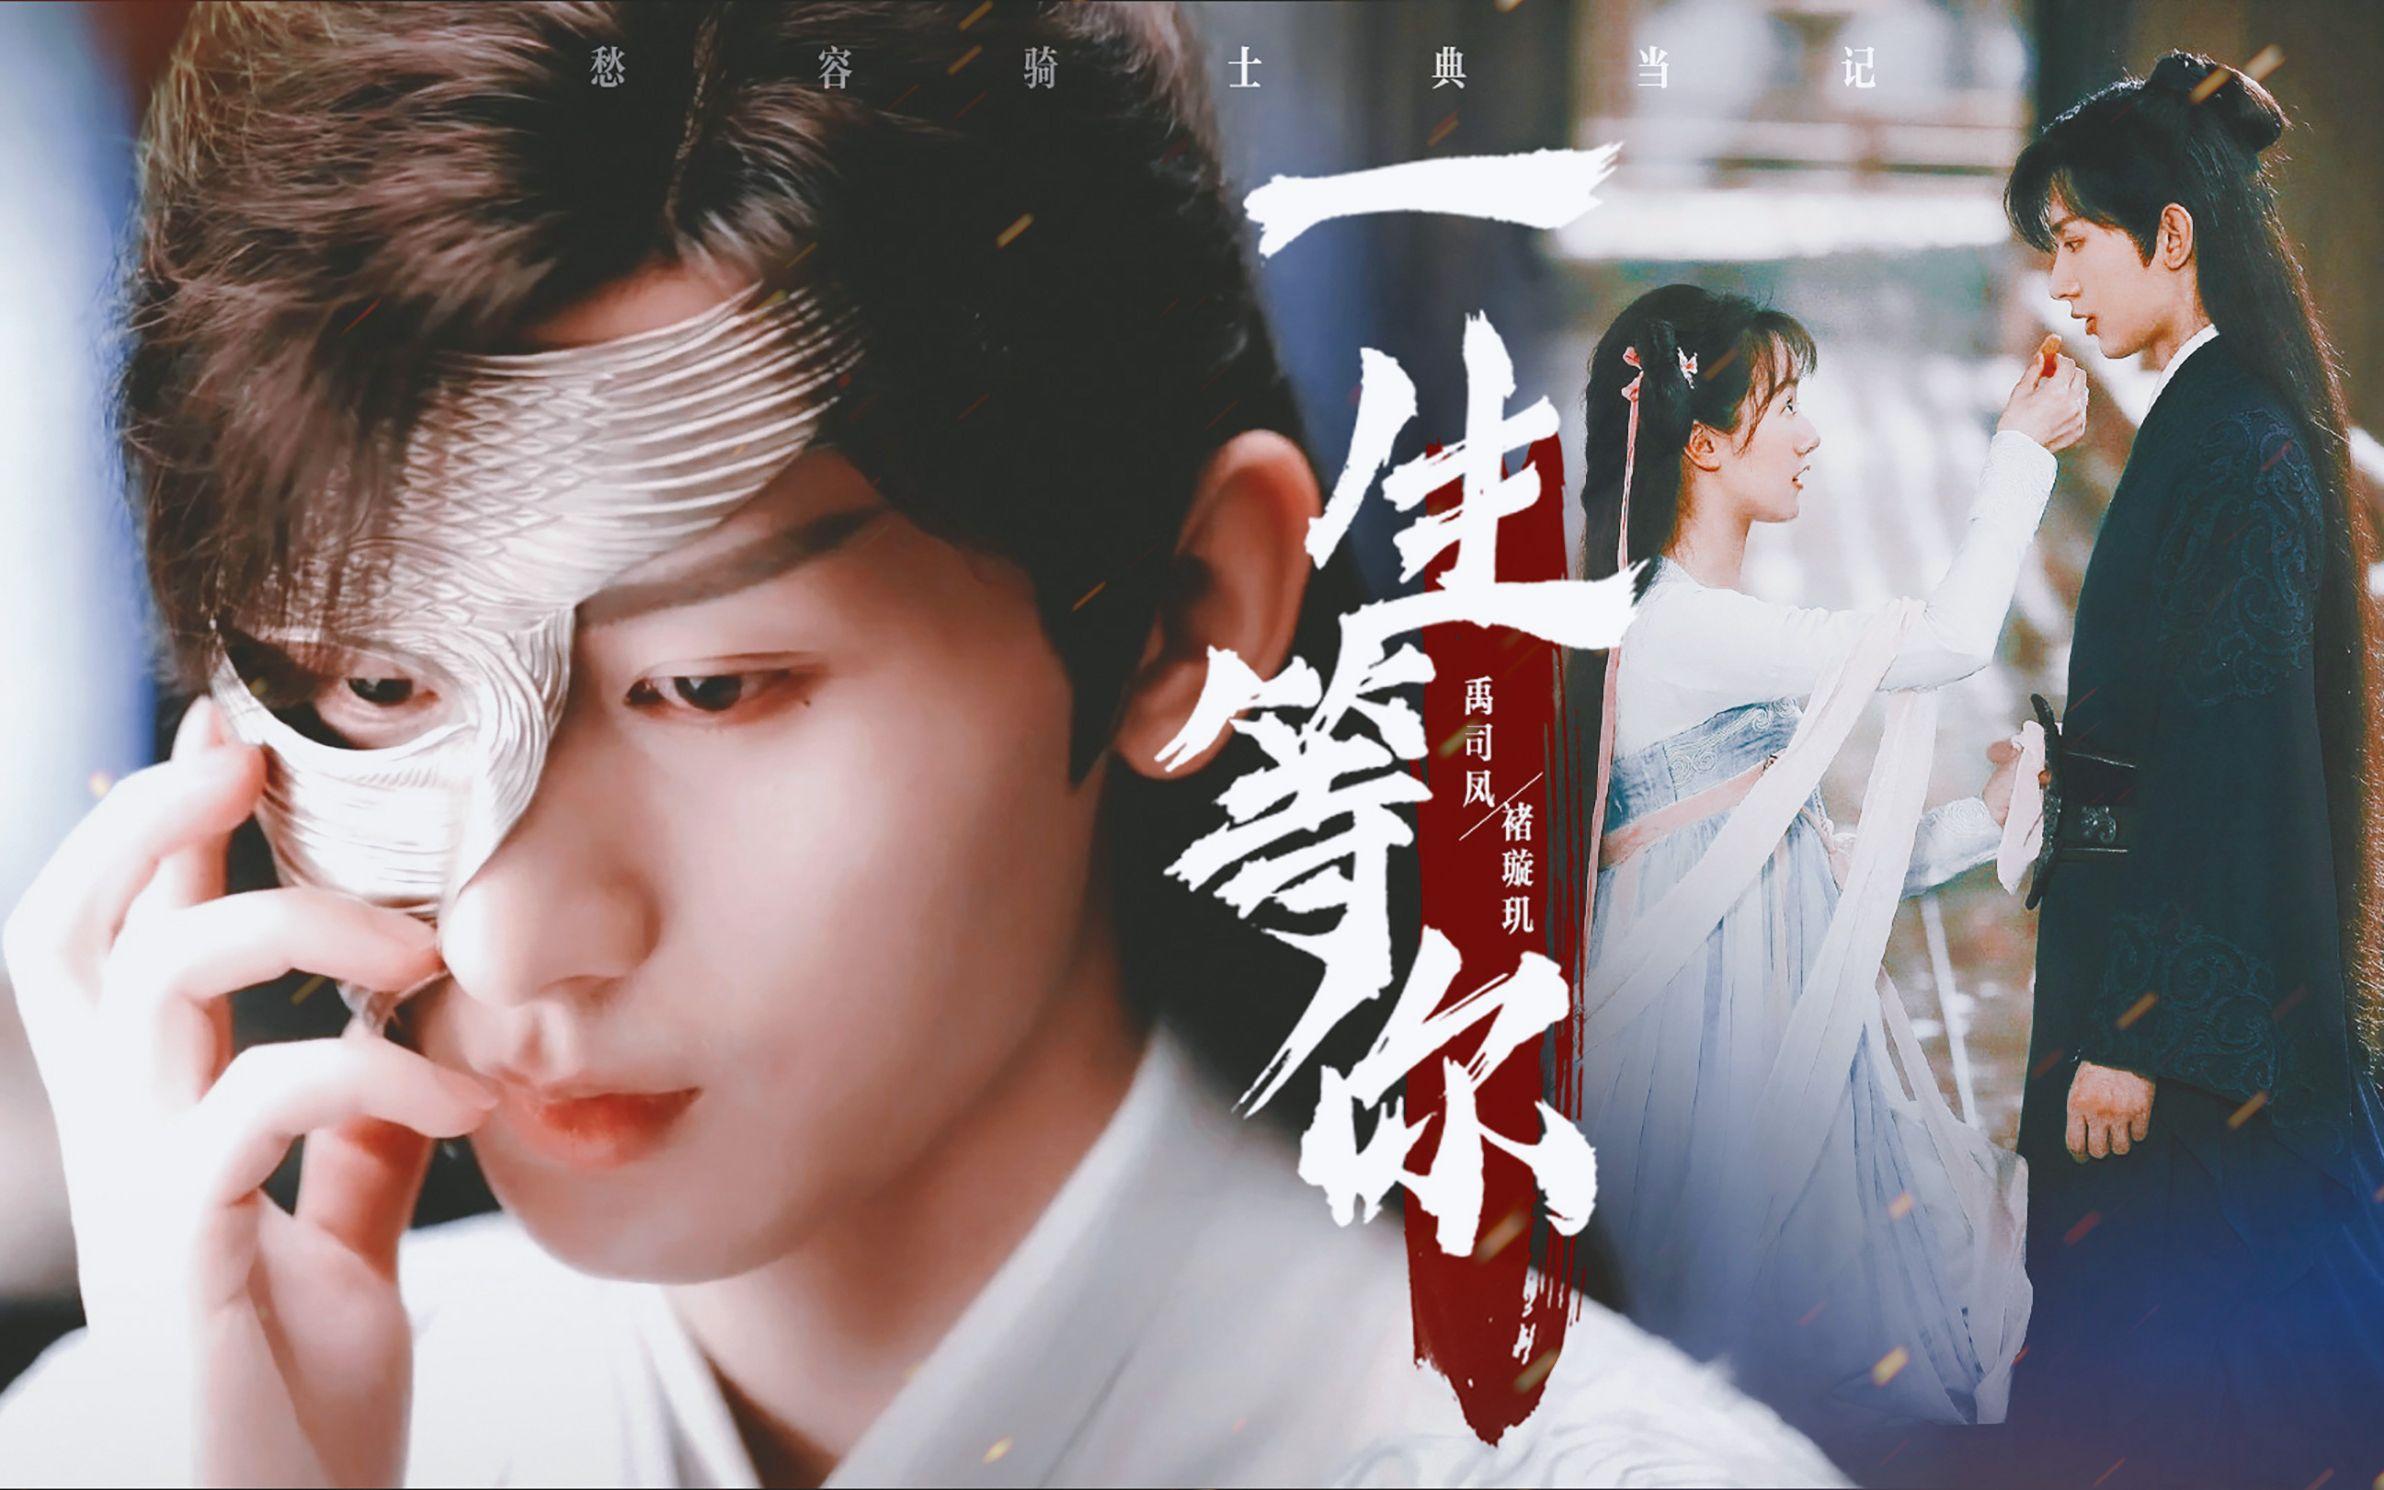 『 琉璃 』『 禹司凤X褚璇玑 』纯情小凤凰与笨蛋少女的甜虐十生十世。 终稿正片